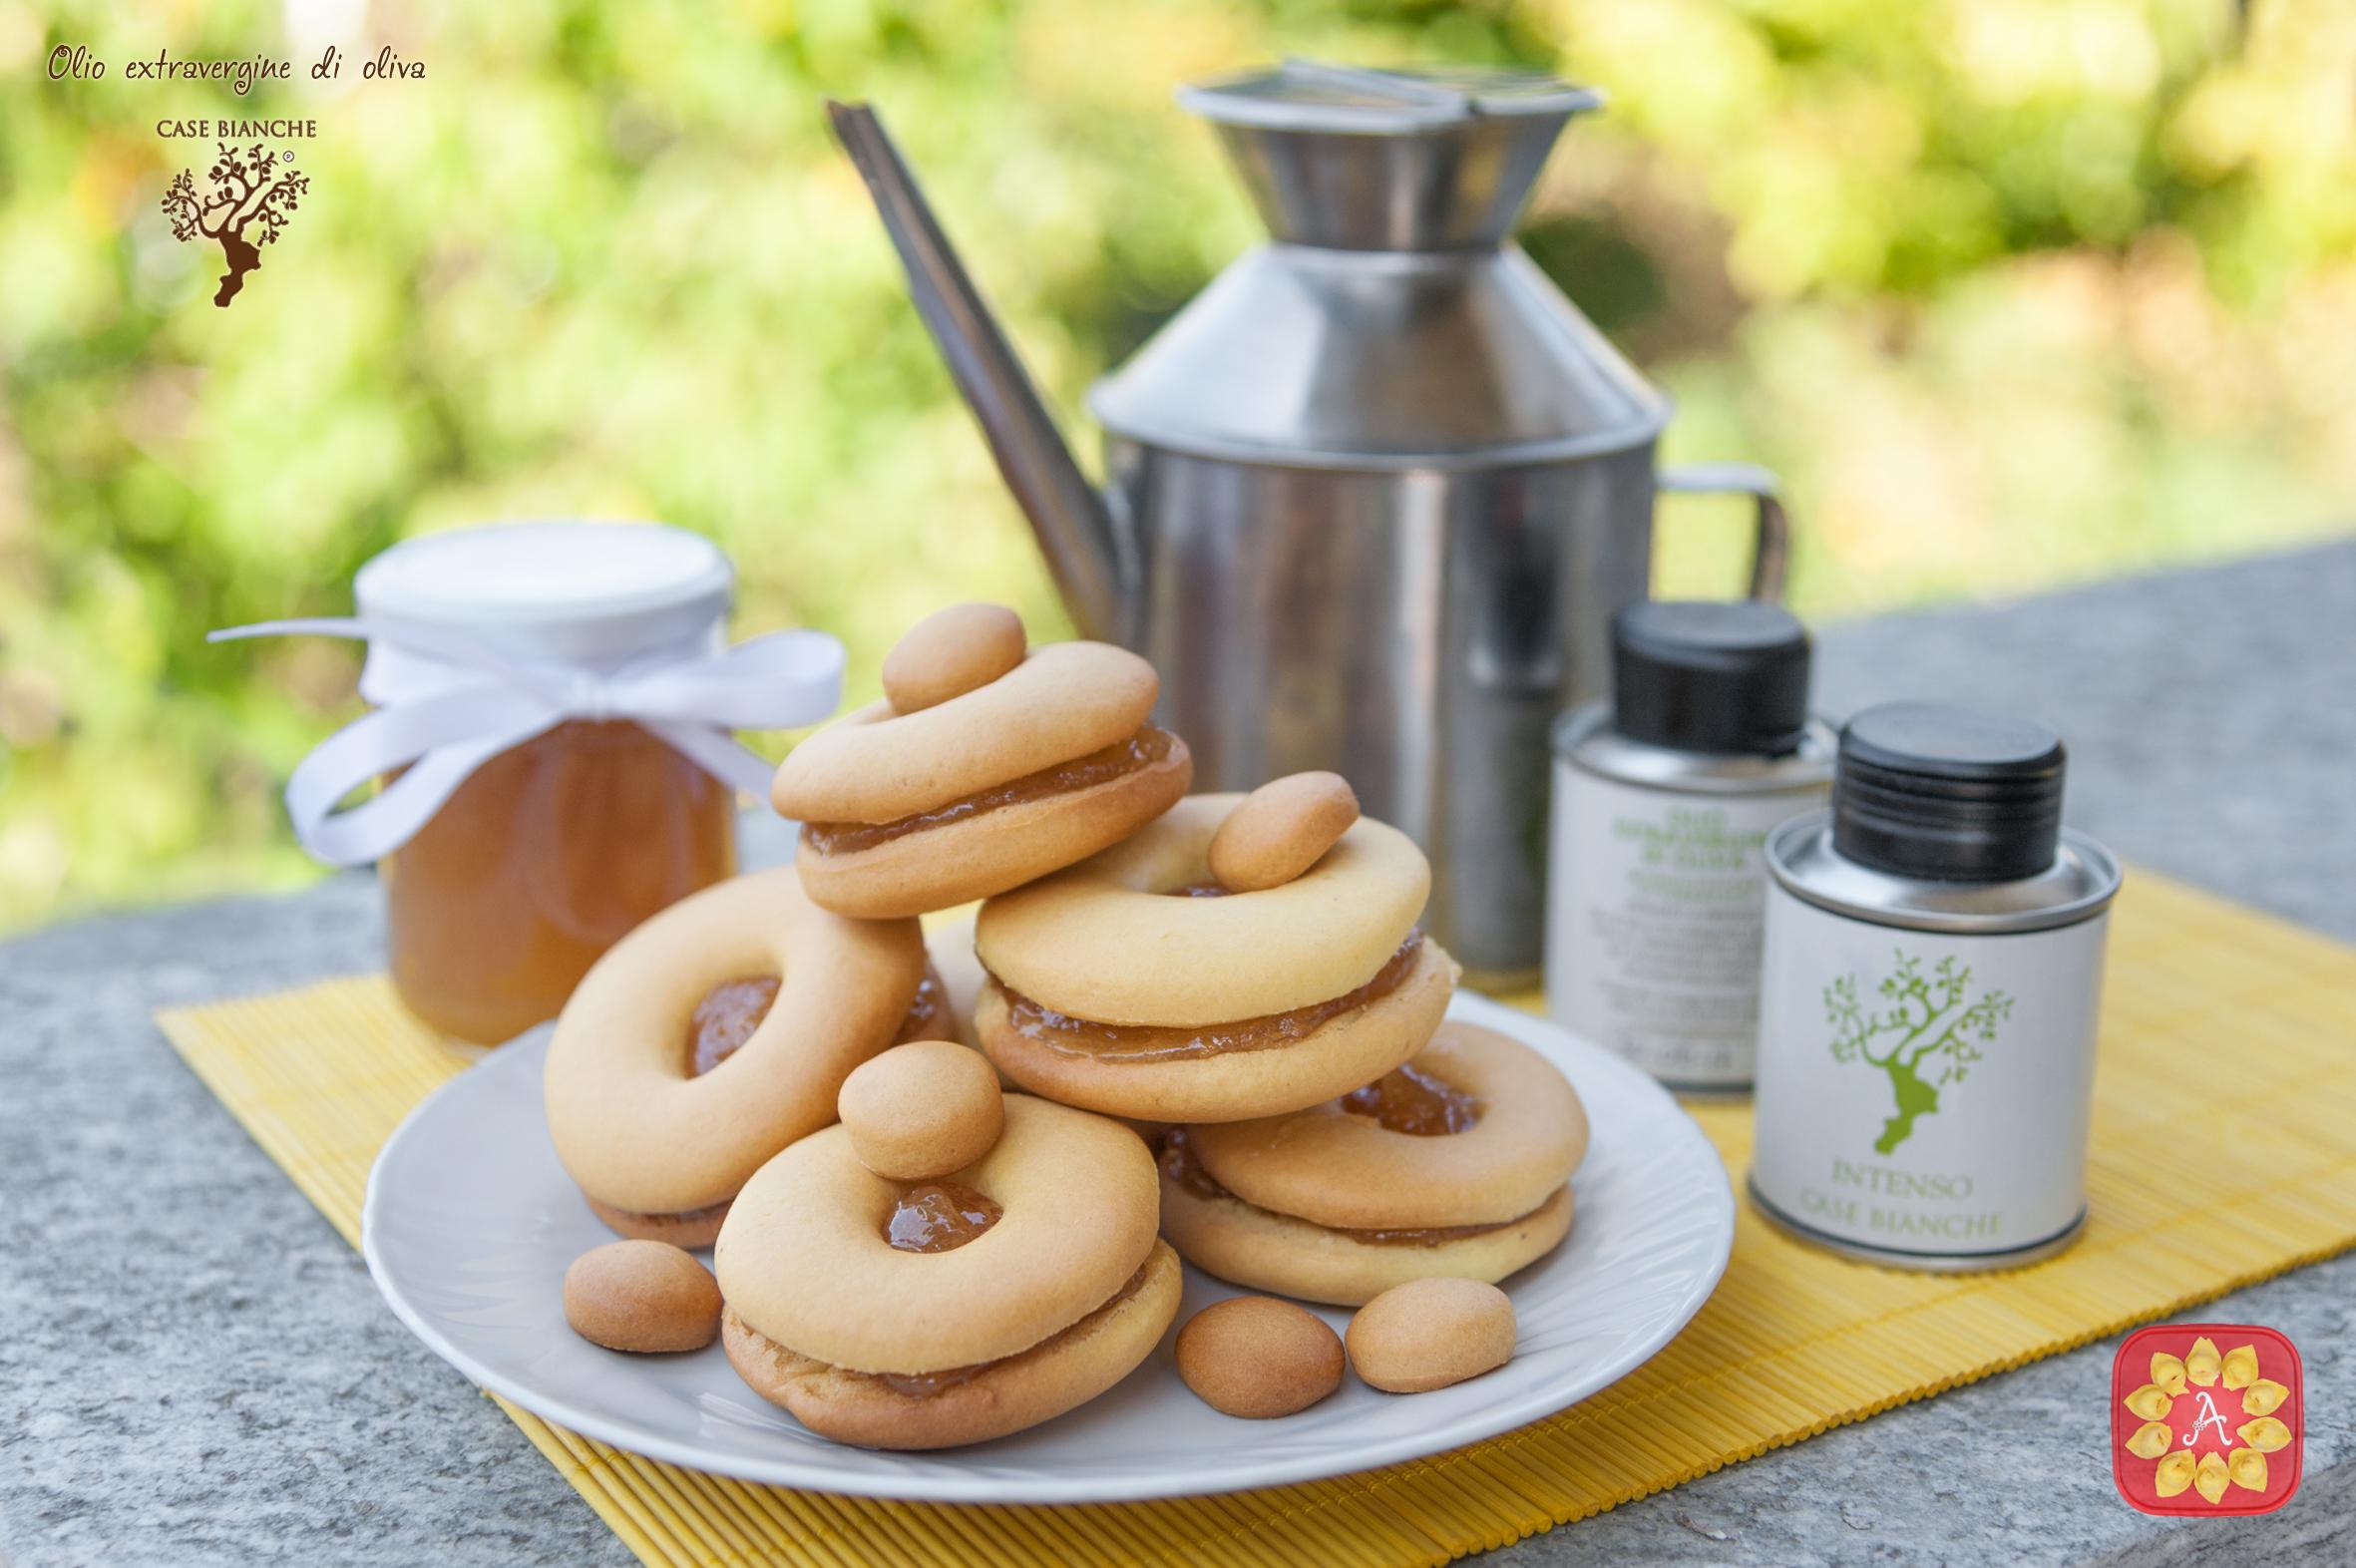 Biscotti a base di olio di oliva